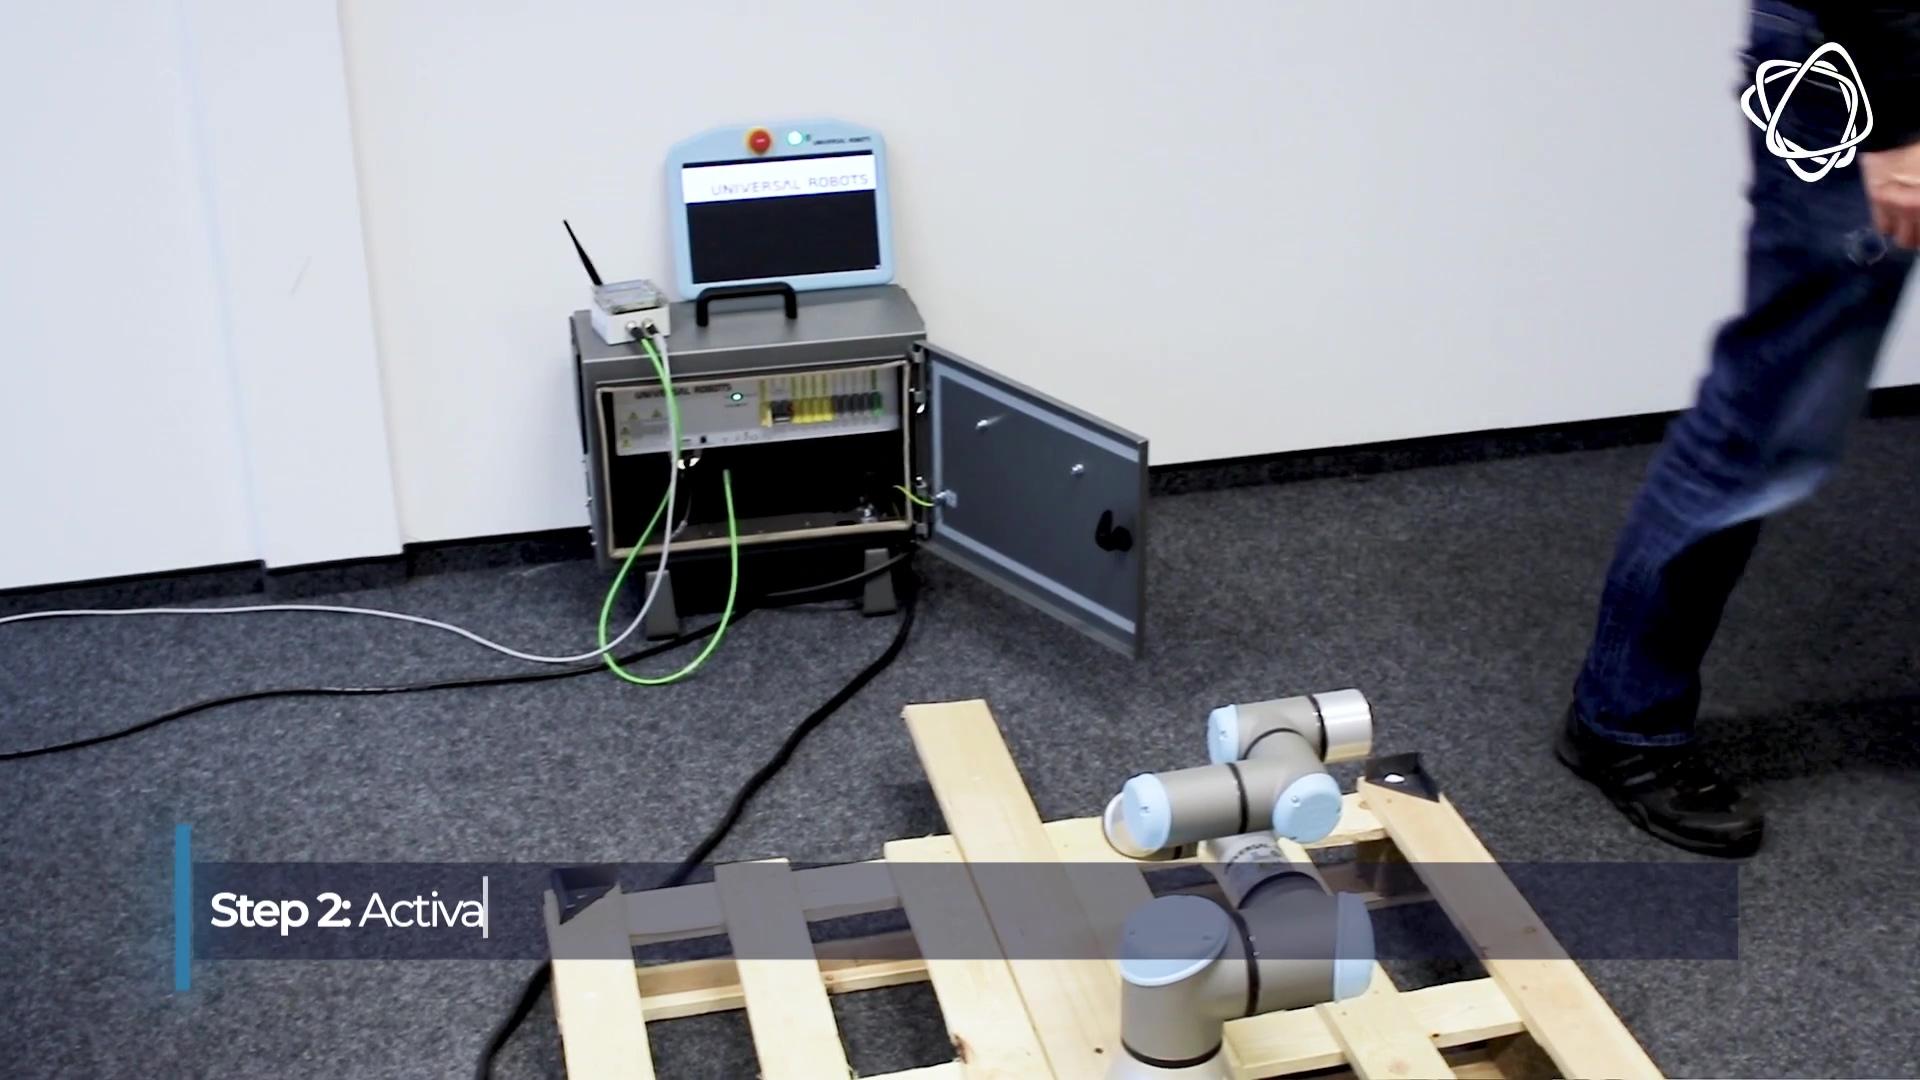 EchoRing Universal Robot Demo